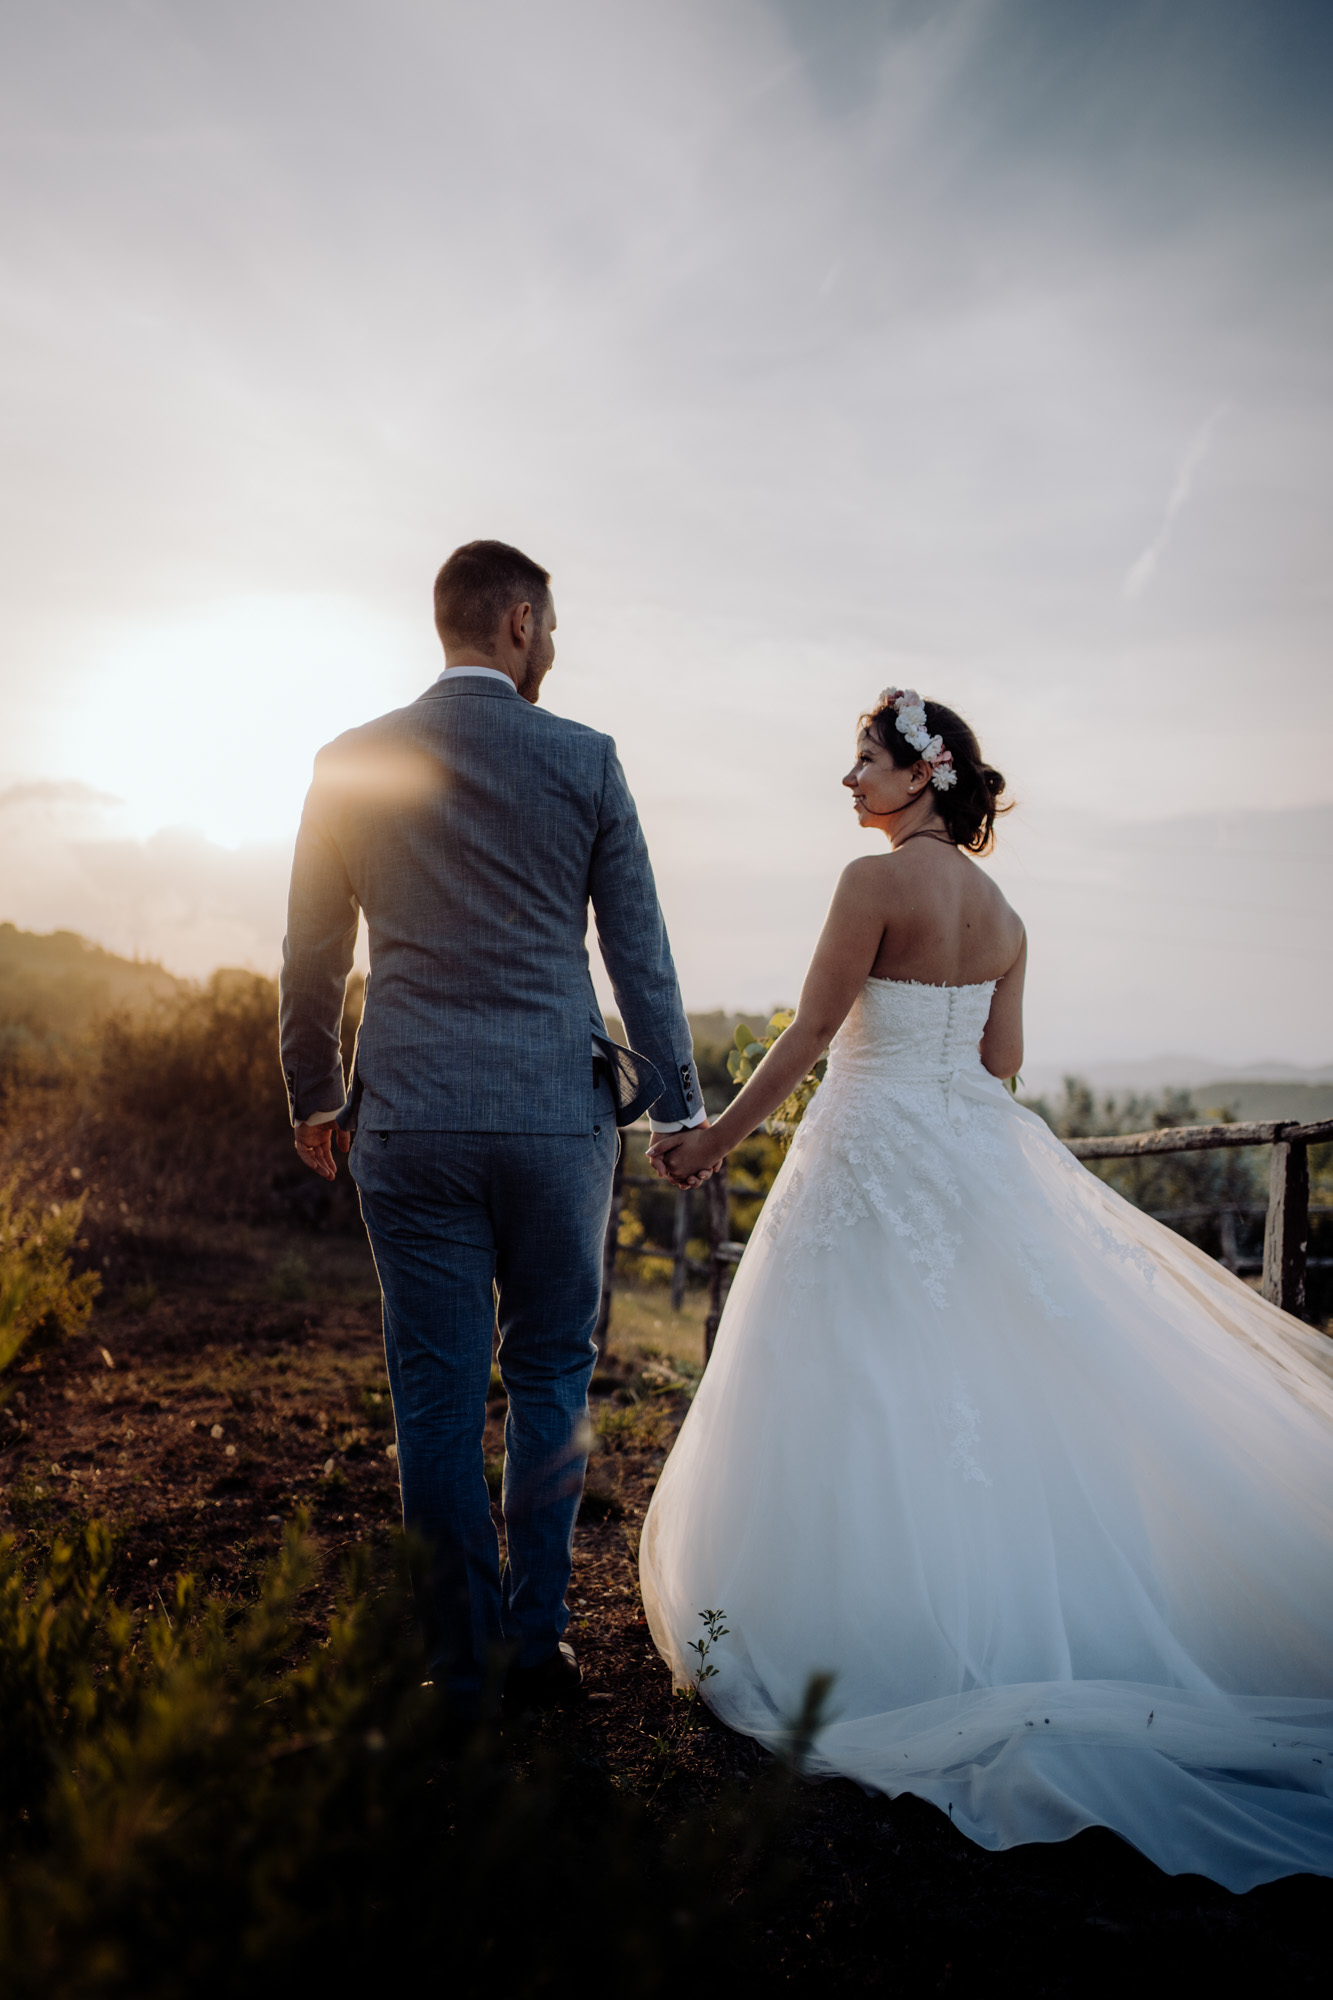 A7307919 - Hochzeit